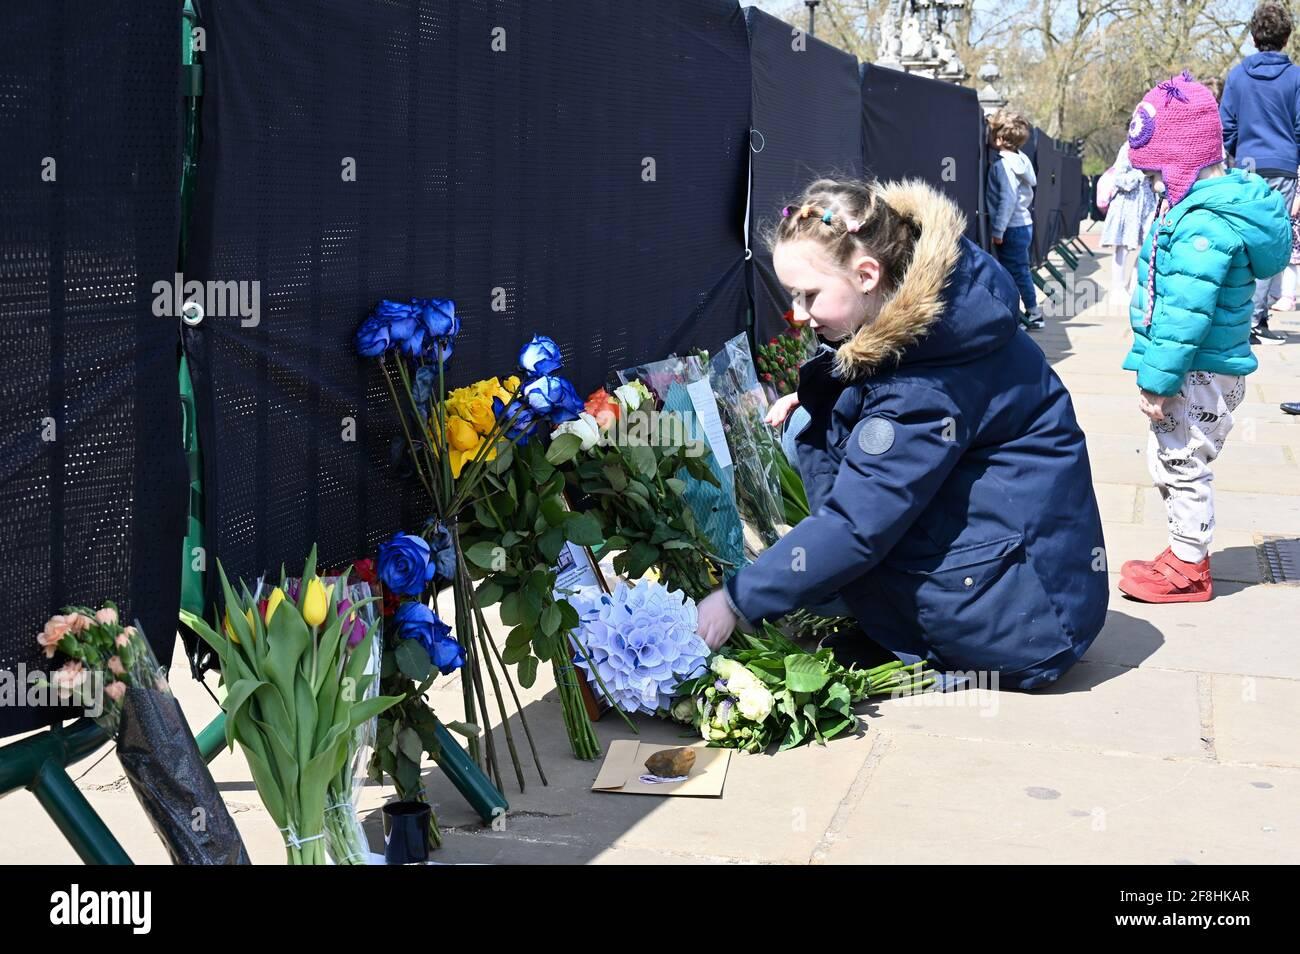 Londres. Les puisseuses royales laissent des hommages floraux au duc d'Édimbourg après sa mort le vendredi 09.04.2021. On a demandé aux personnes qui se sont garantes de rester à l'écart des résidences royales en raison de la pandémie du coronavirus. Buckingham Palace, Londres. Banque D'Images